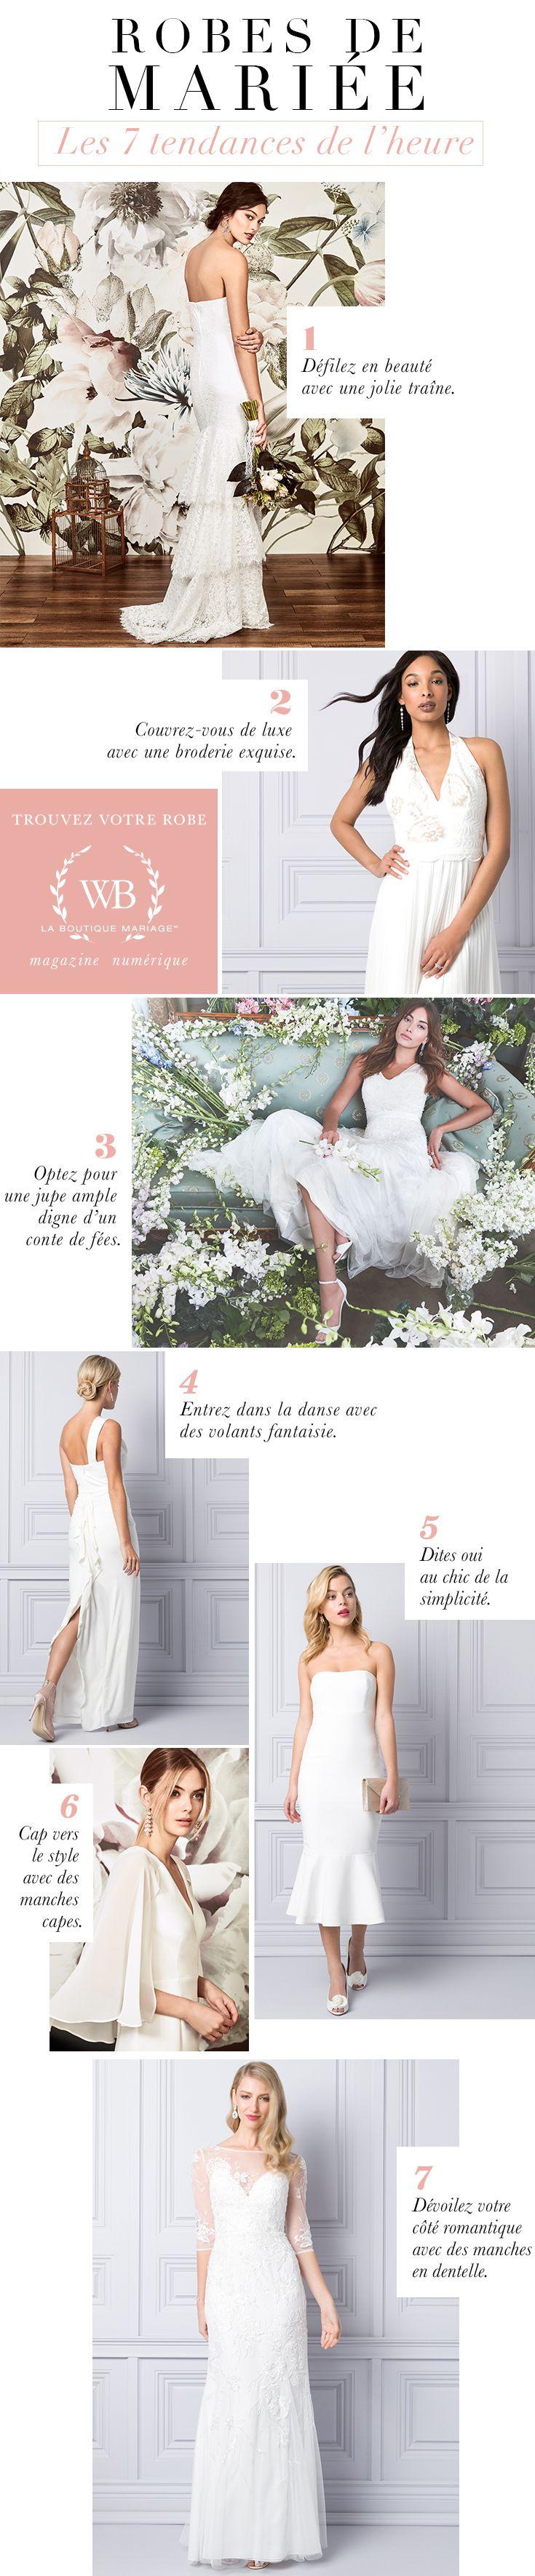 Robes de mariée : les 7 tendances de l'heure